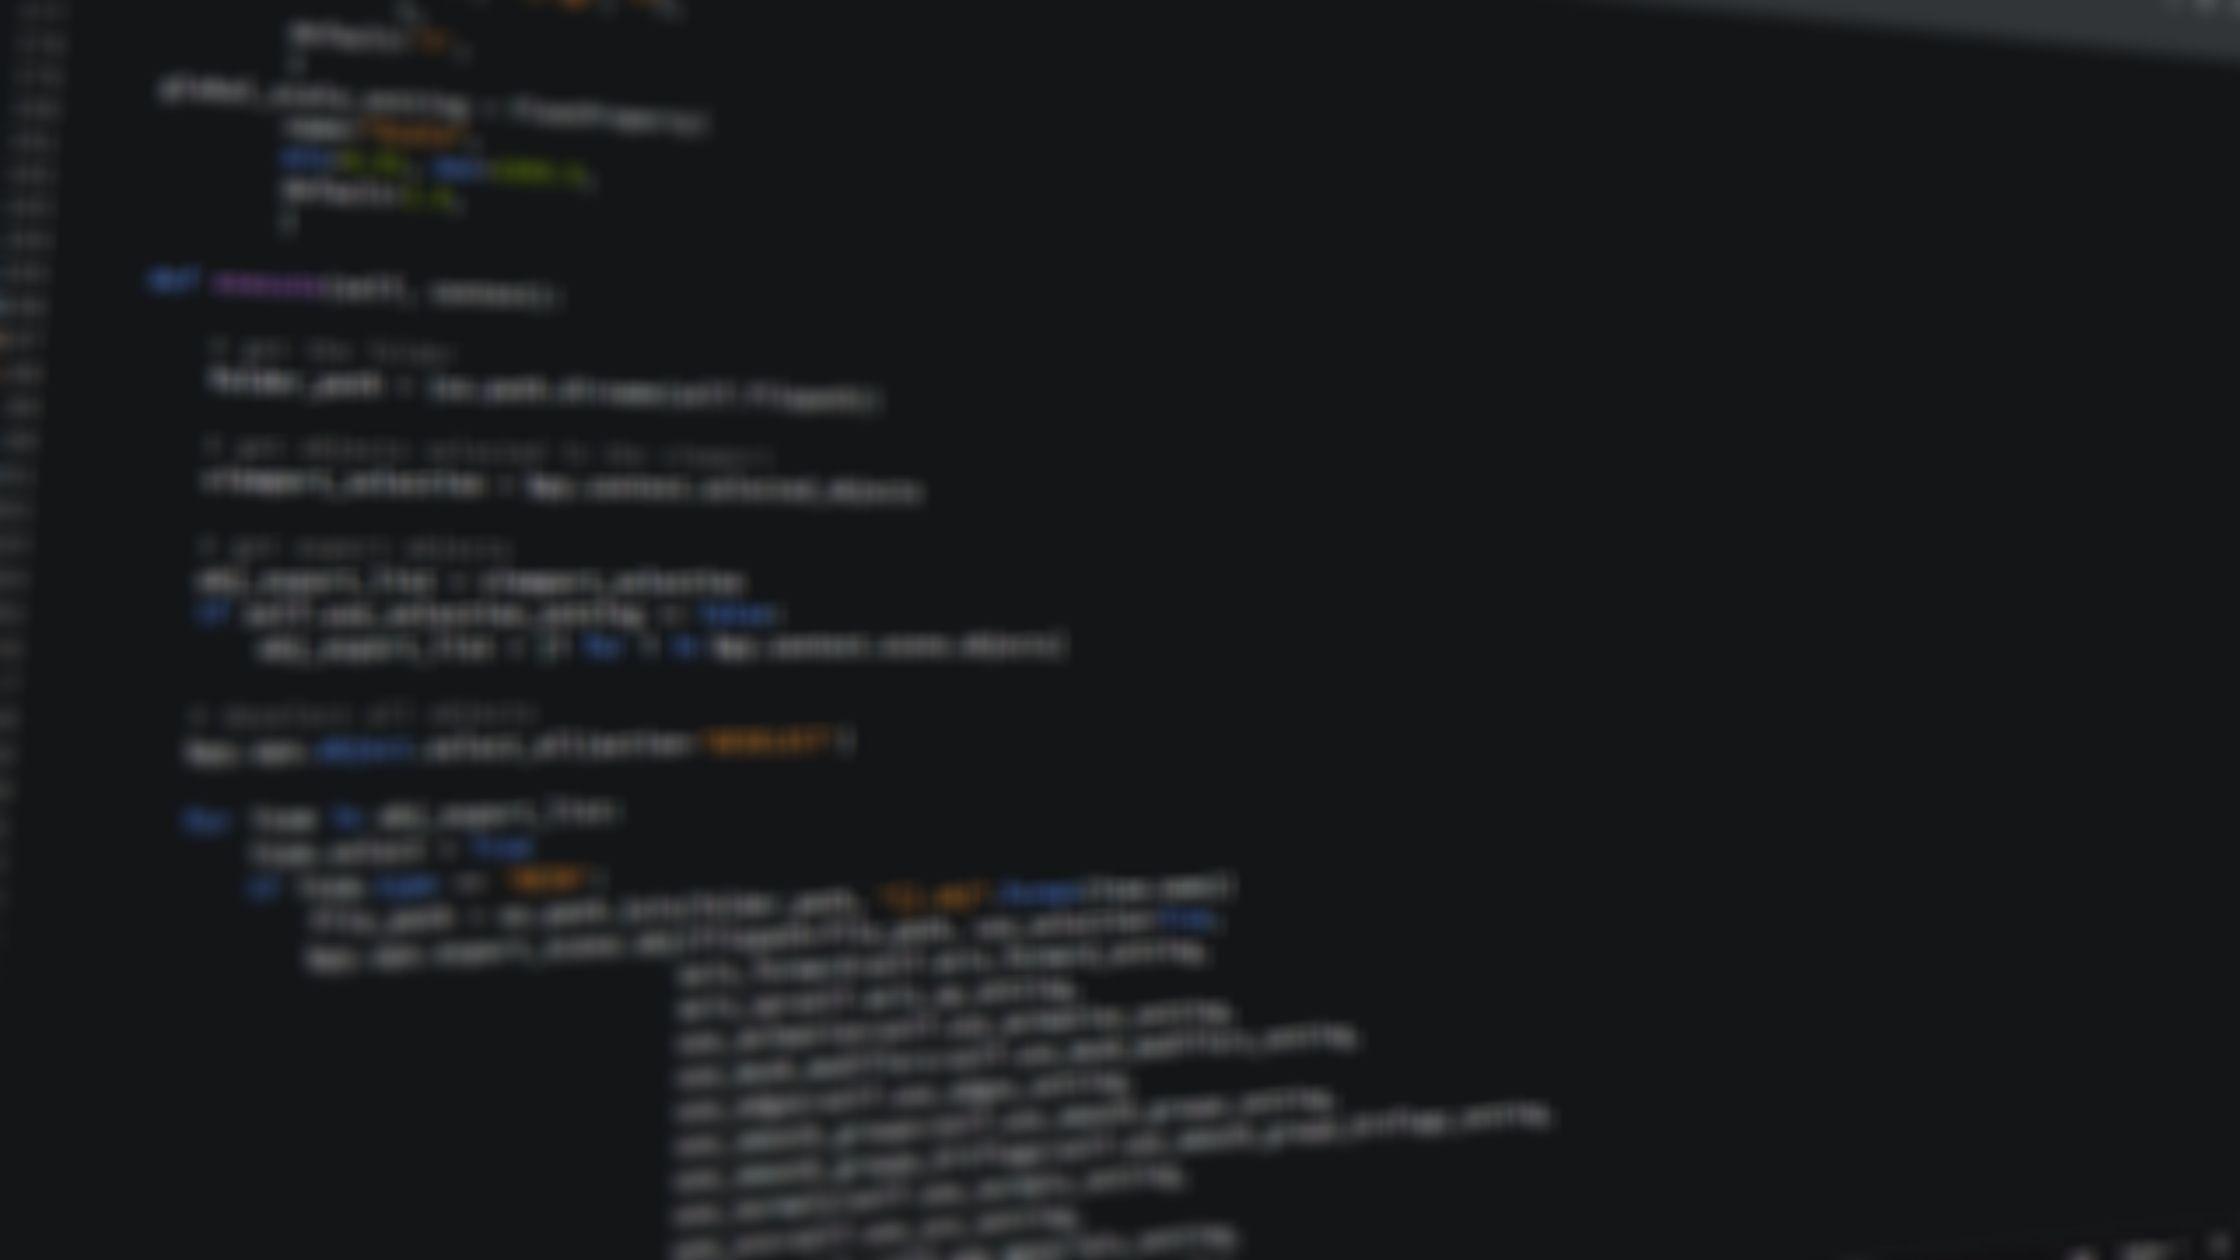 Python क्या है? इसकी विशेषता और इसे कैसे सीखे?